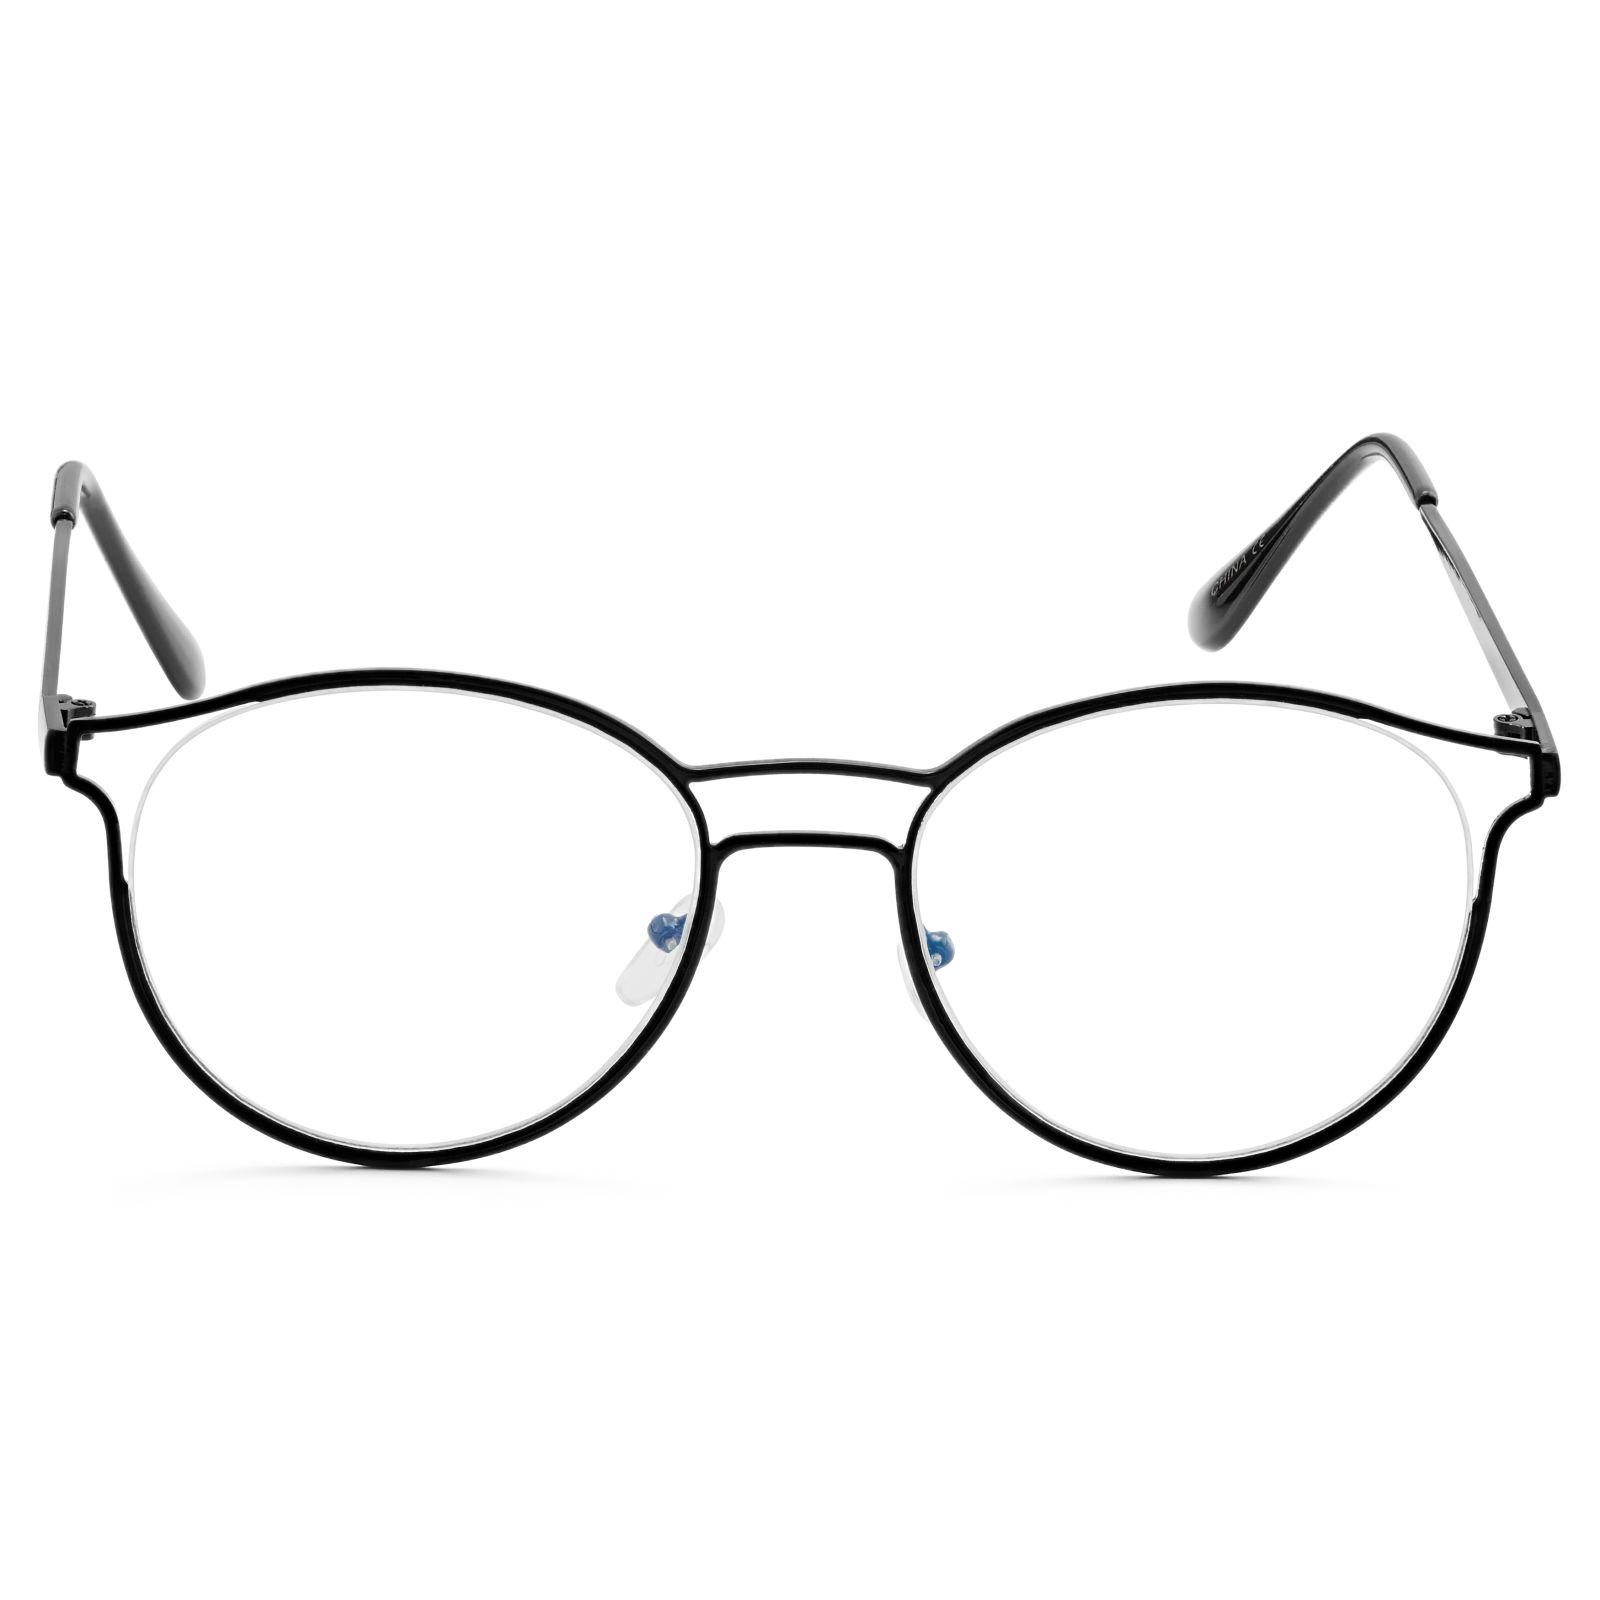 2ac28863d673b Óculos com Armação Preta O Génio